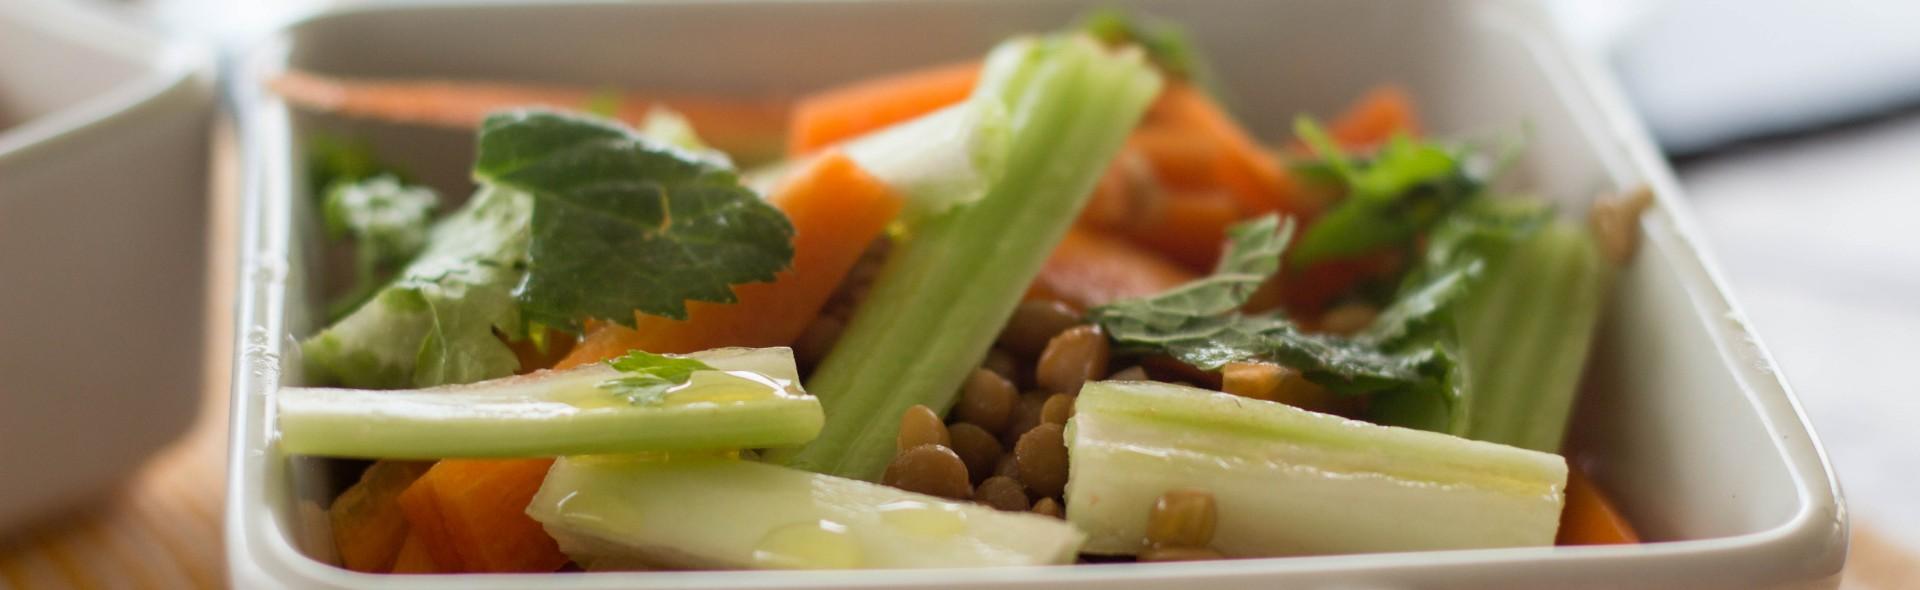 Ensalada de zanahoria y apio con lentejas menta y - Ensalada de apio y zanahoria ...